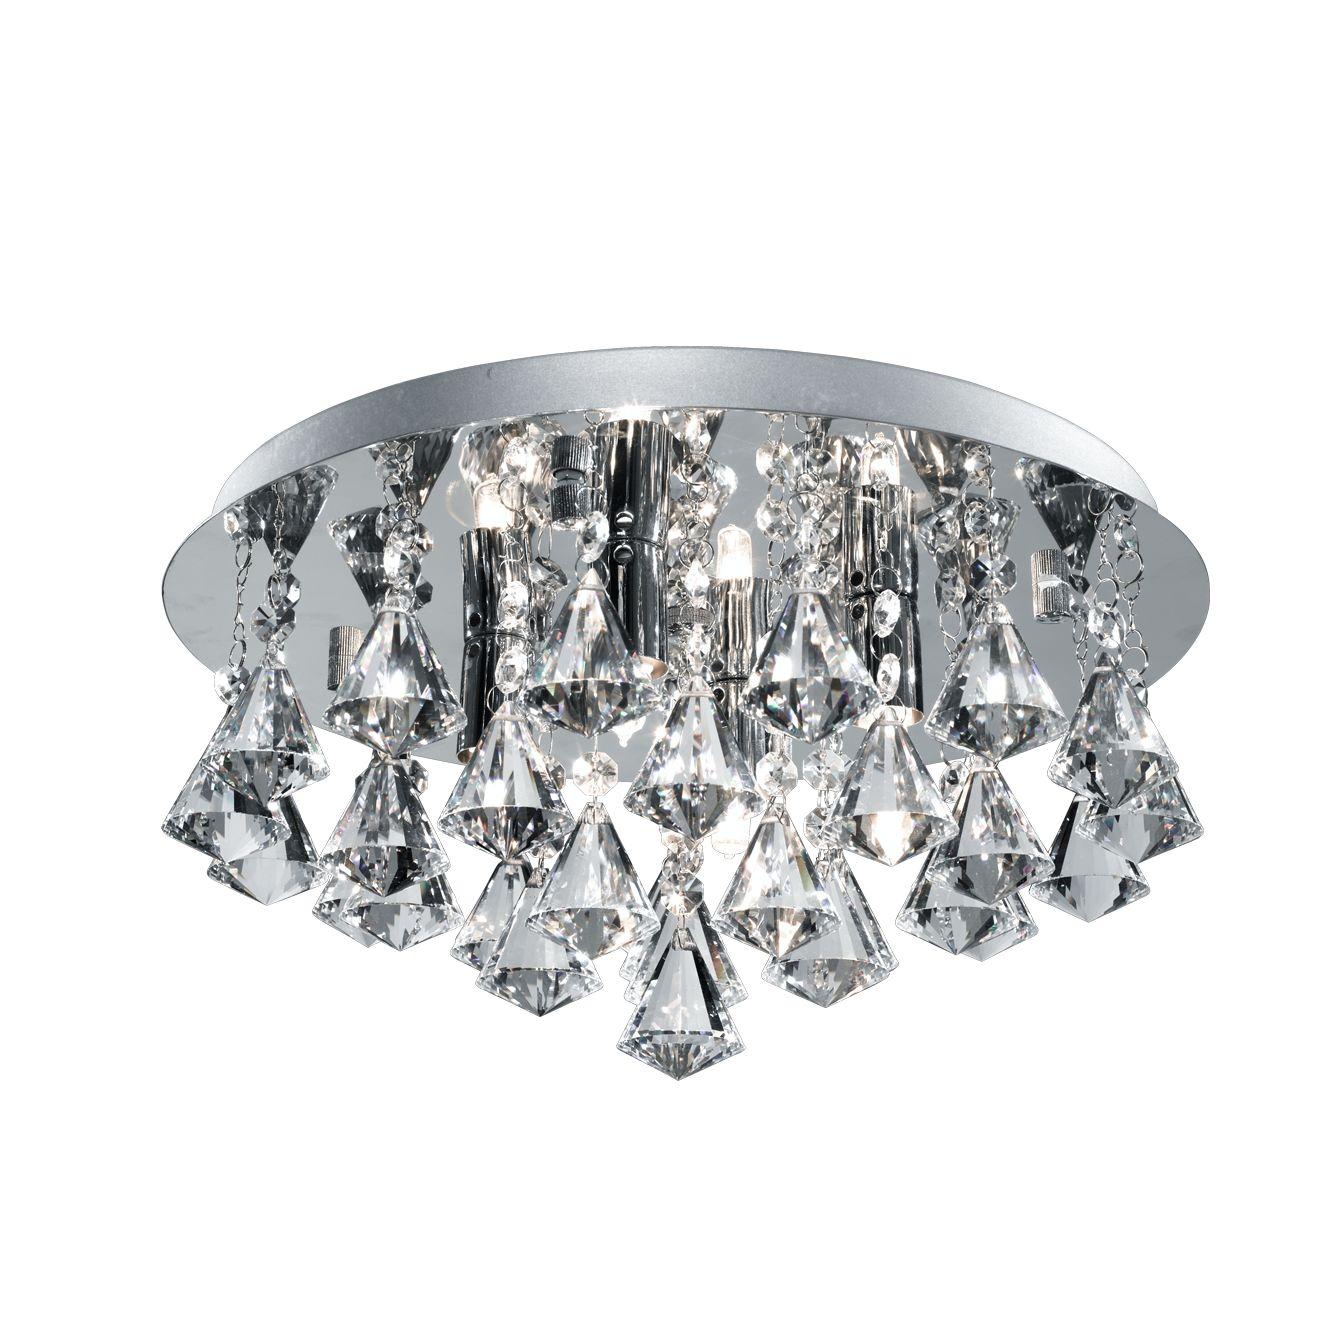 Hanna Ip44 Bathroom 4 Light Crystal Ceiling Flush Clear Pyramid Crystal Drops